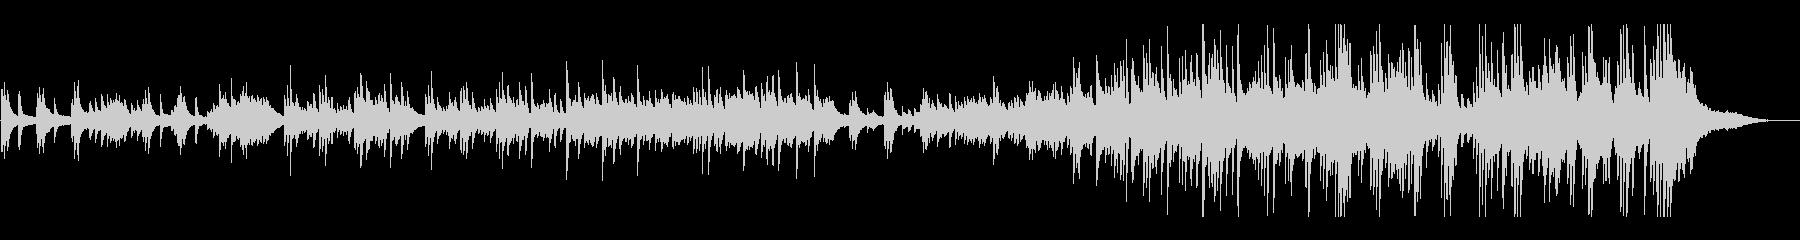 結婚式 感動的なピアノソロの未再生の波形